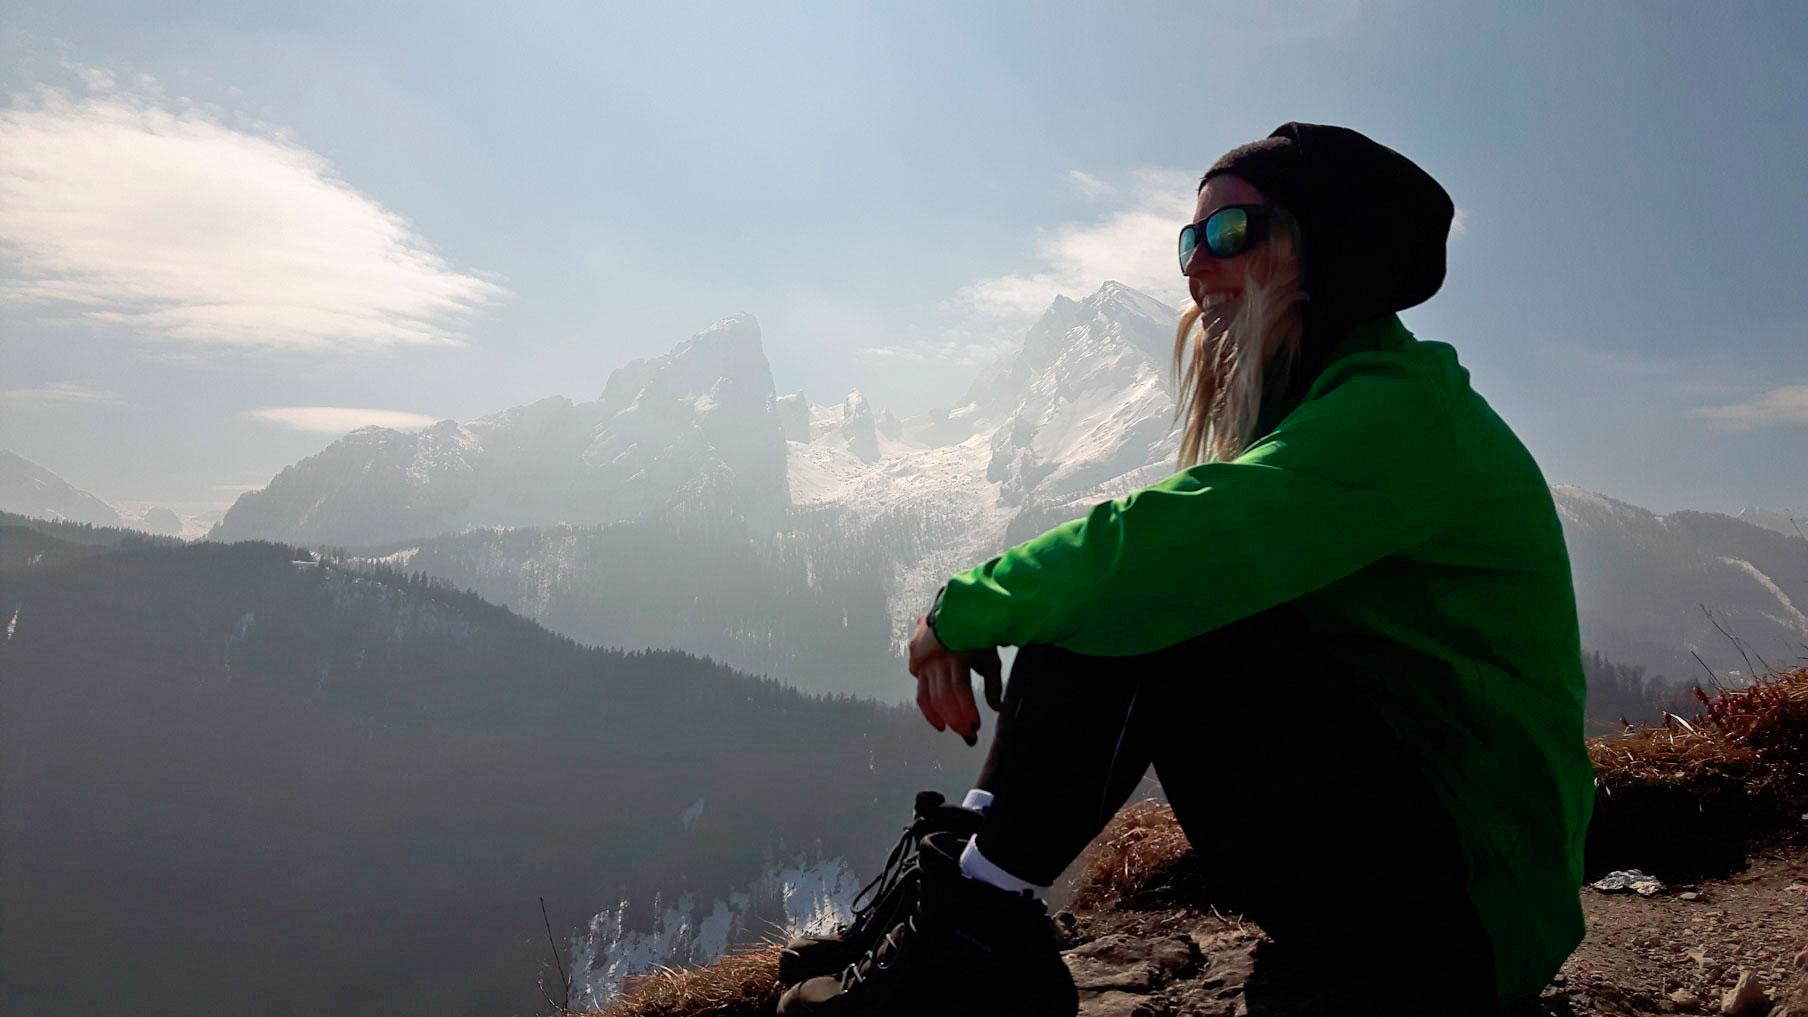 anna-grillmaier-munichmountaingirls-sommer-berge-wandern-watzmann